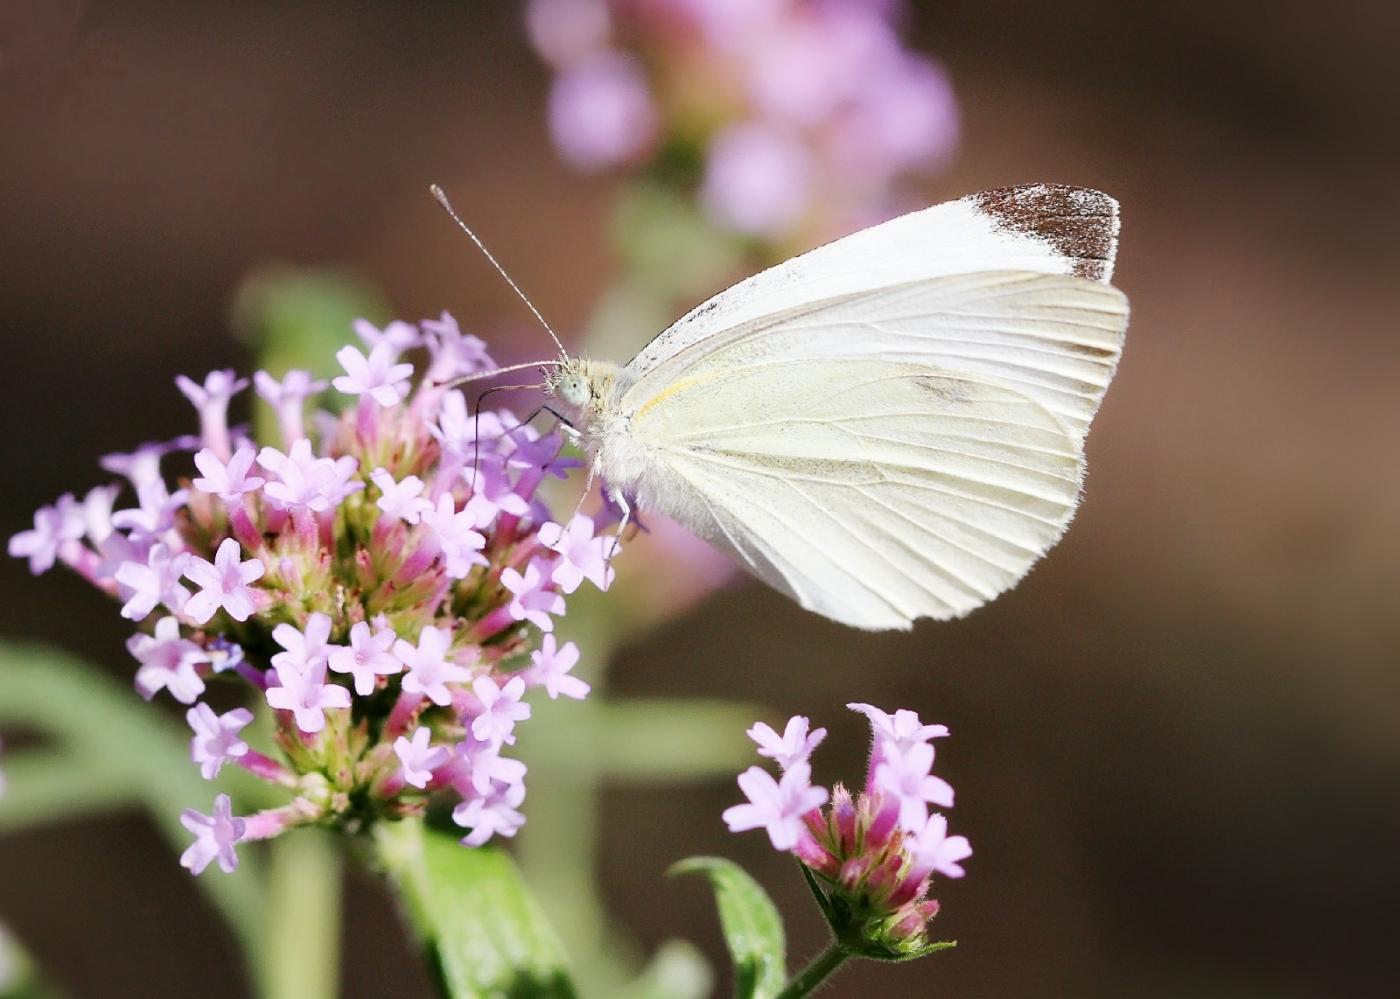 【田螺随拍】我院子里的蝴蝶_图1-13